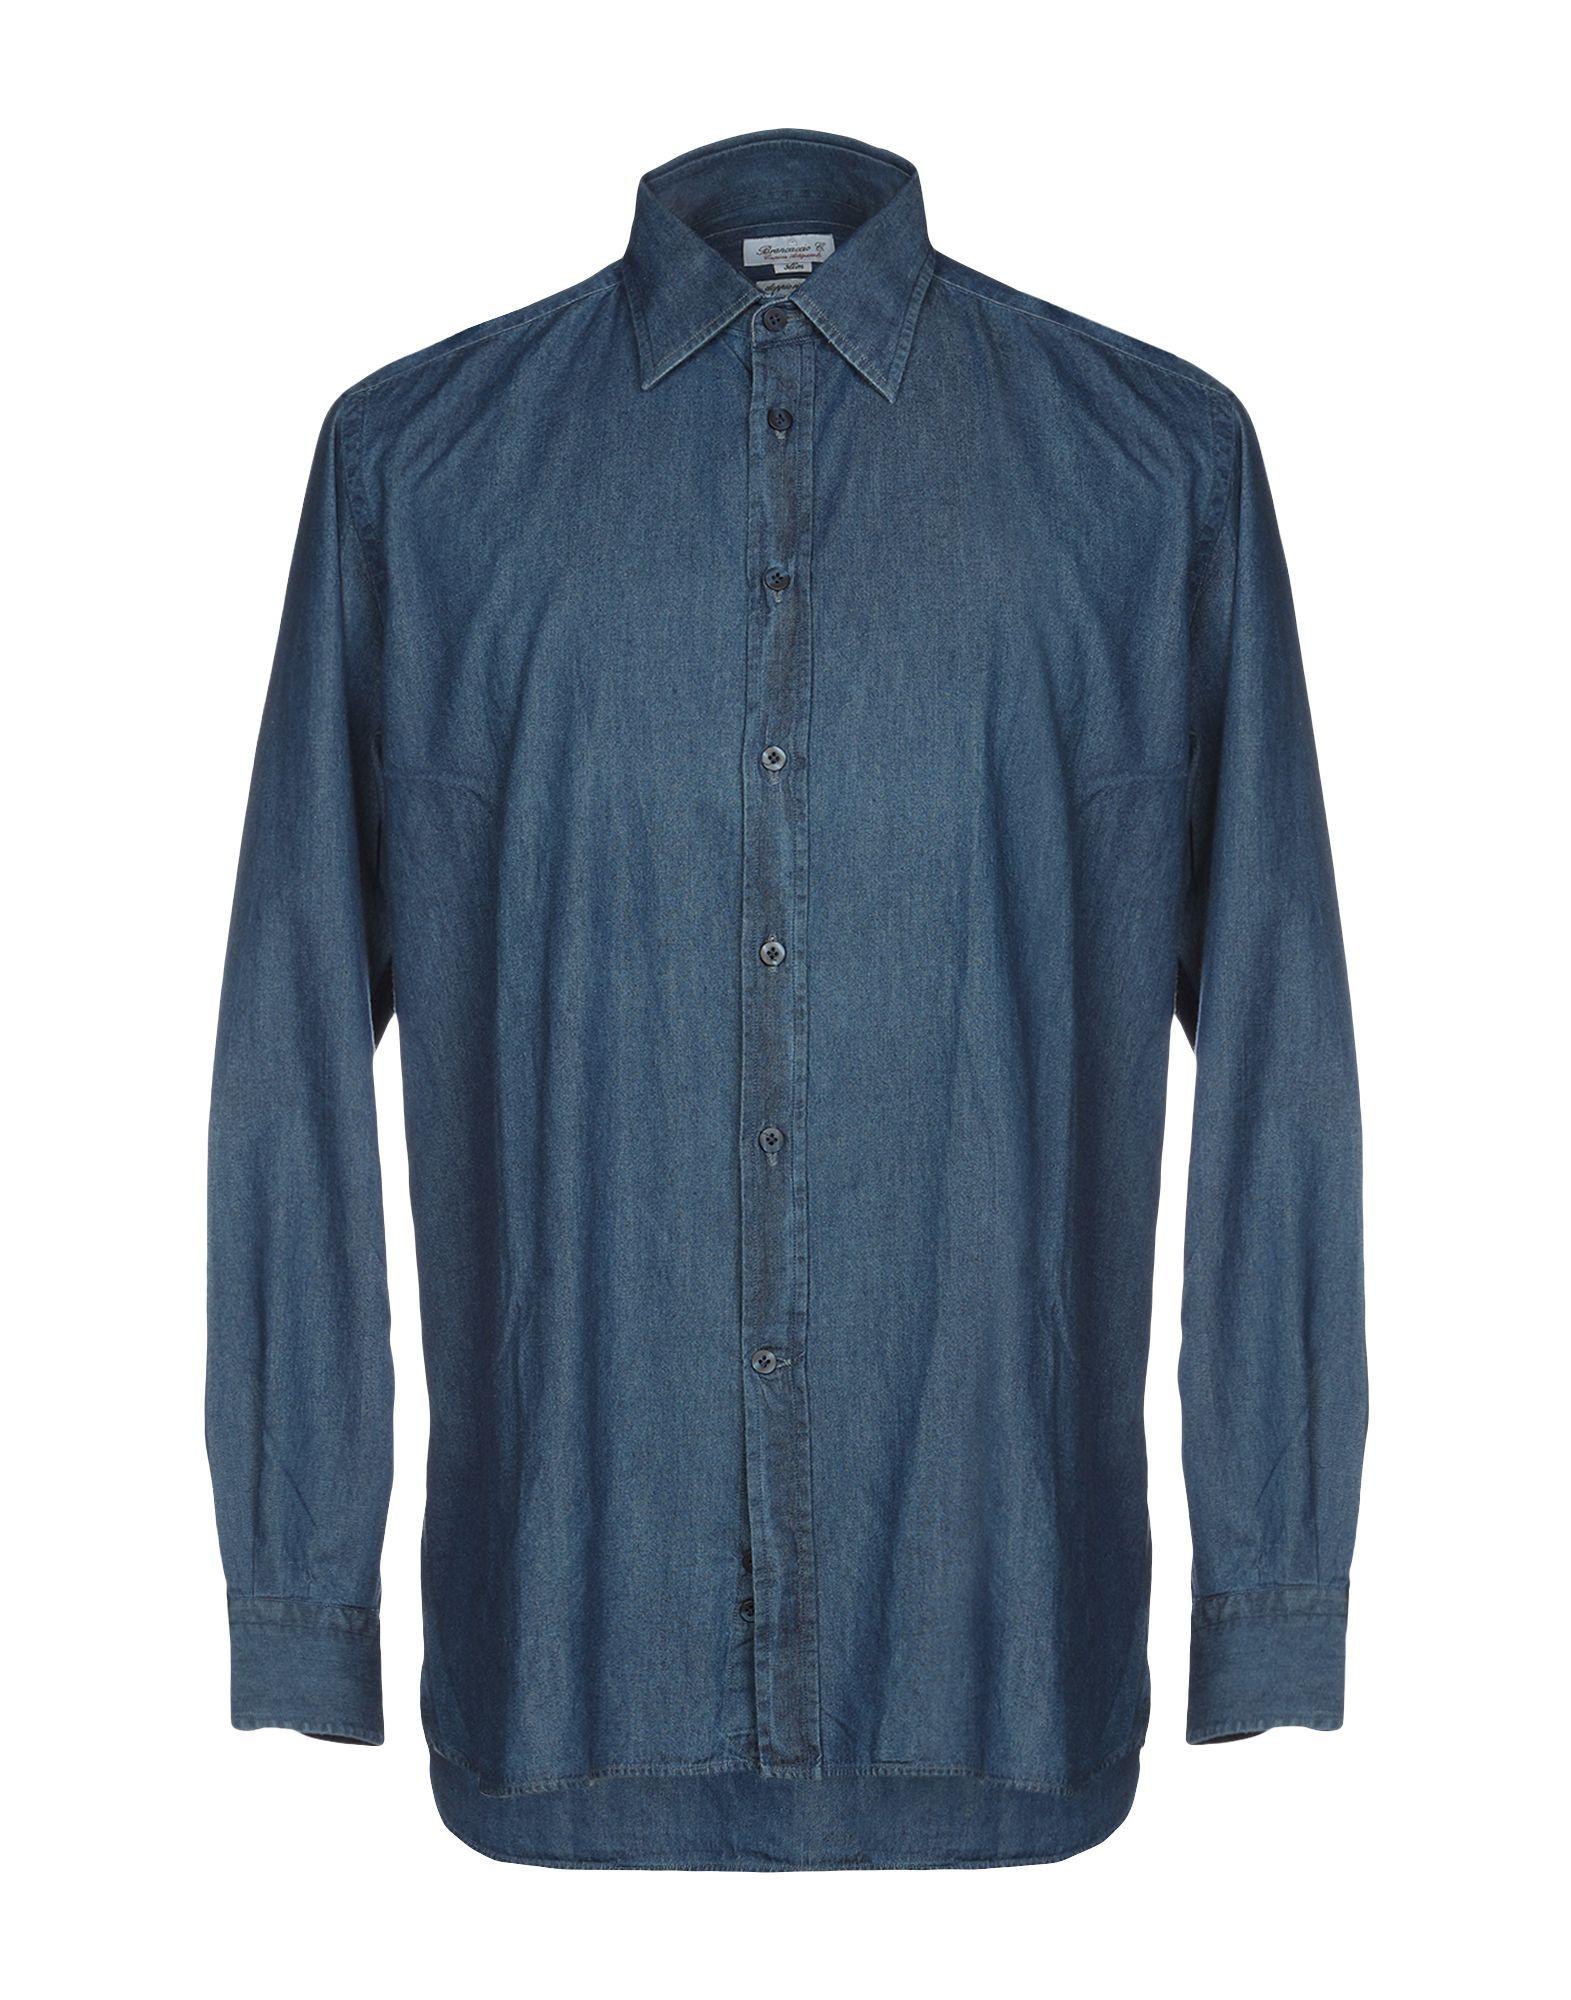 Camicia Camicia Di Jeans Brancaccio C. uomo - 42699434OU  günstigster Preis